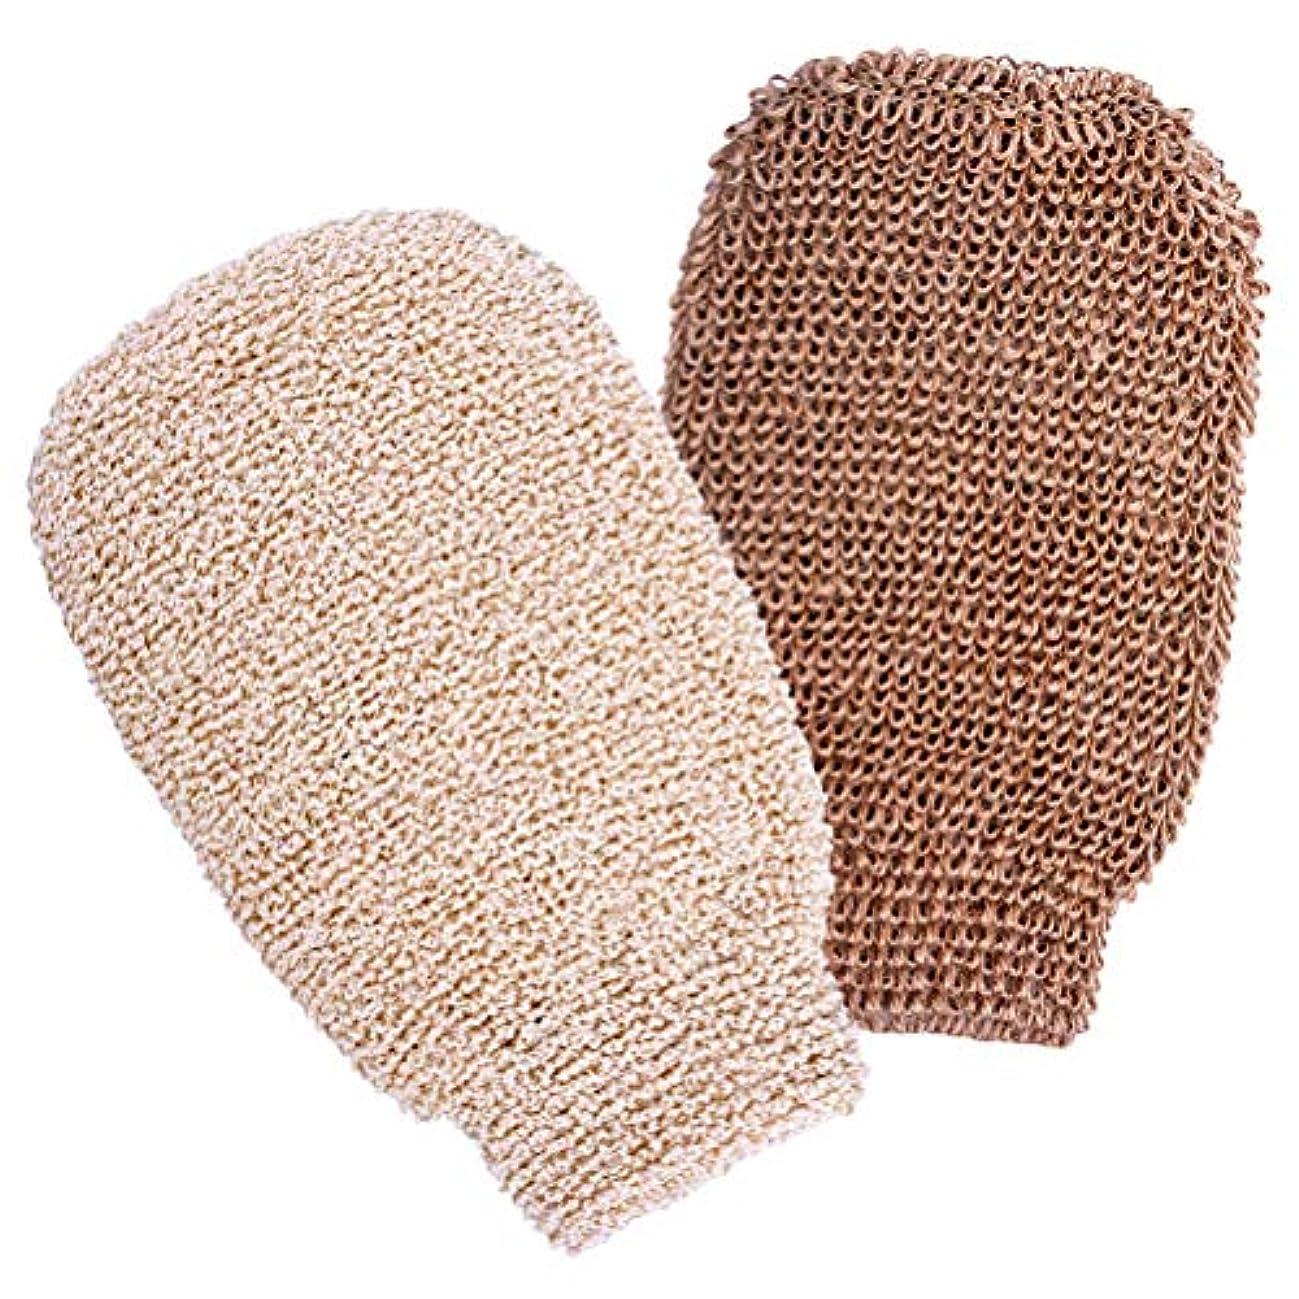 知覚できる変装のホストFBYED 2個 シャワージェル手袋スキンケア手袋 天然亜麻繊維 天然竹繊維製 入浴用手袋 安全性 快適な 抗菌性 通気性 防腐剤 汗を吸収 角質除去と のスキンケア手袋